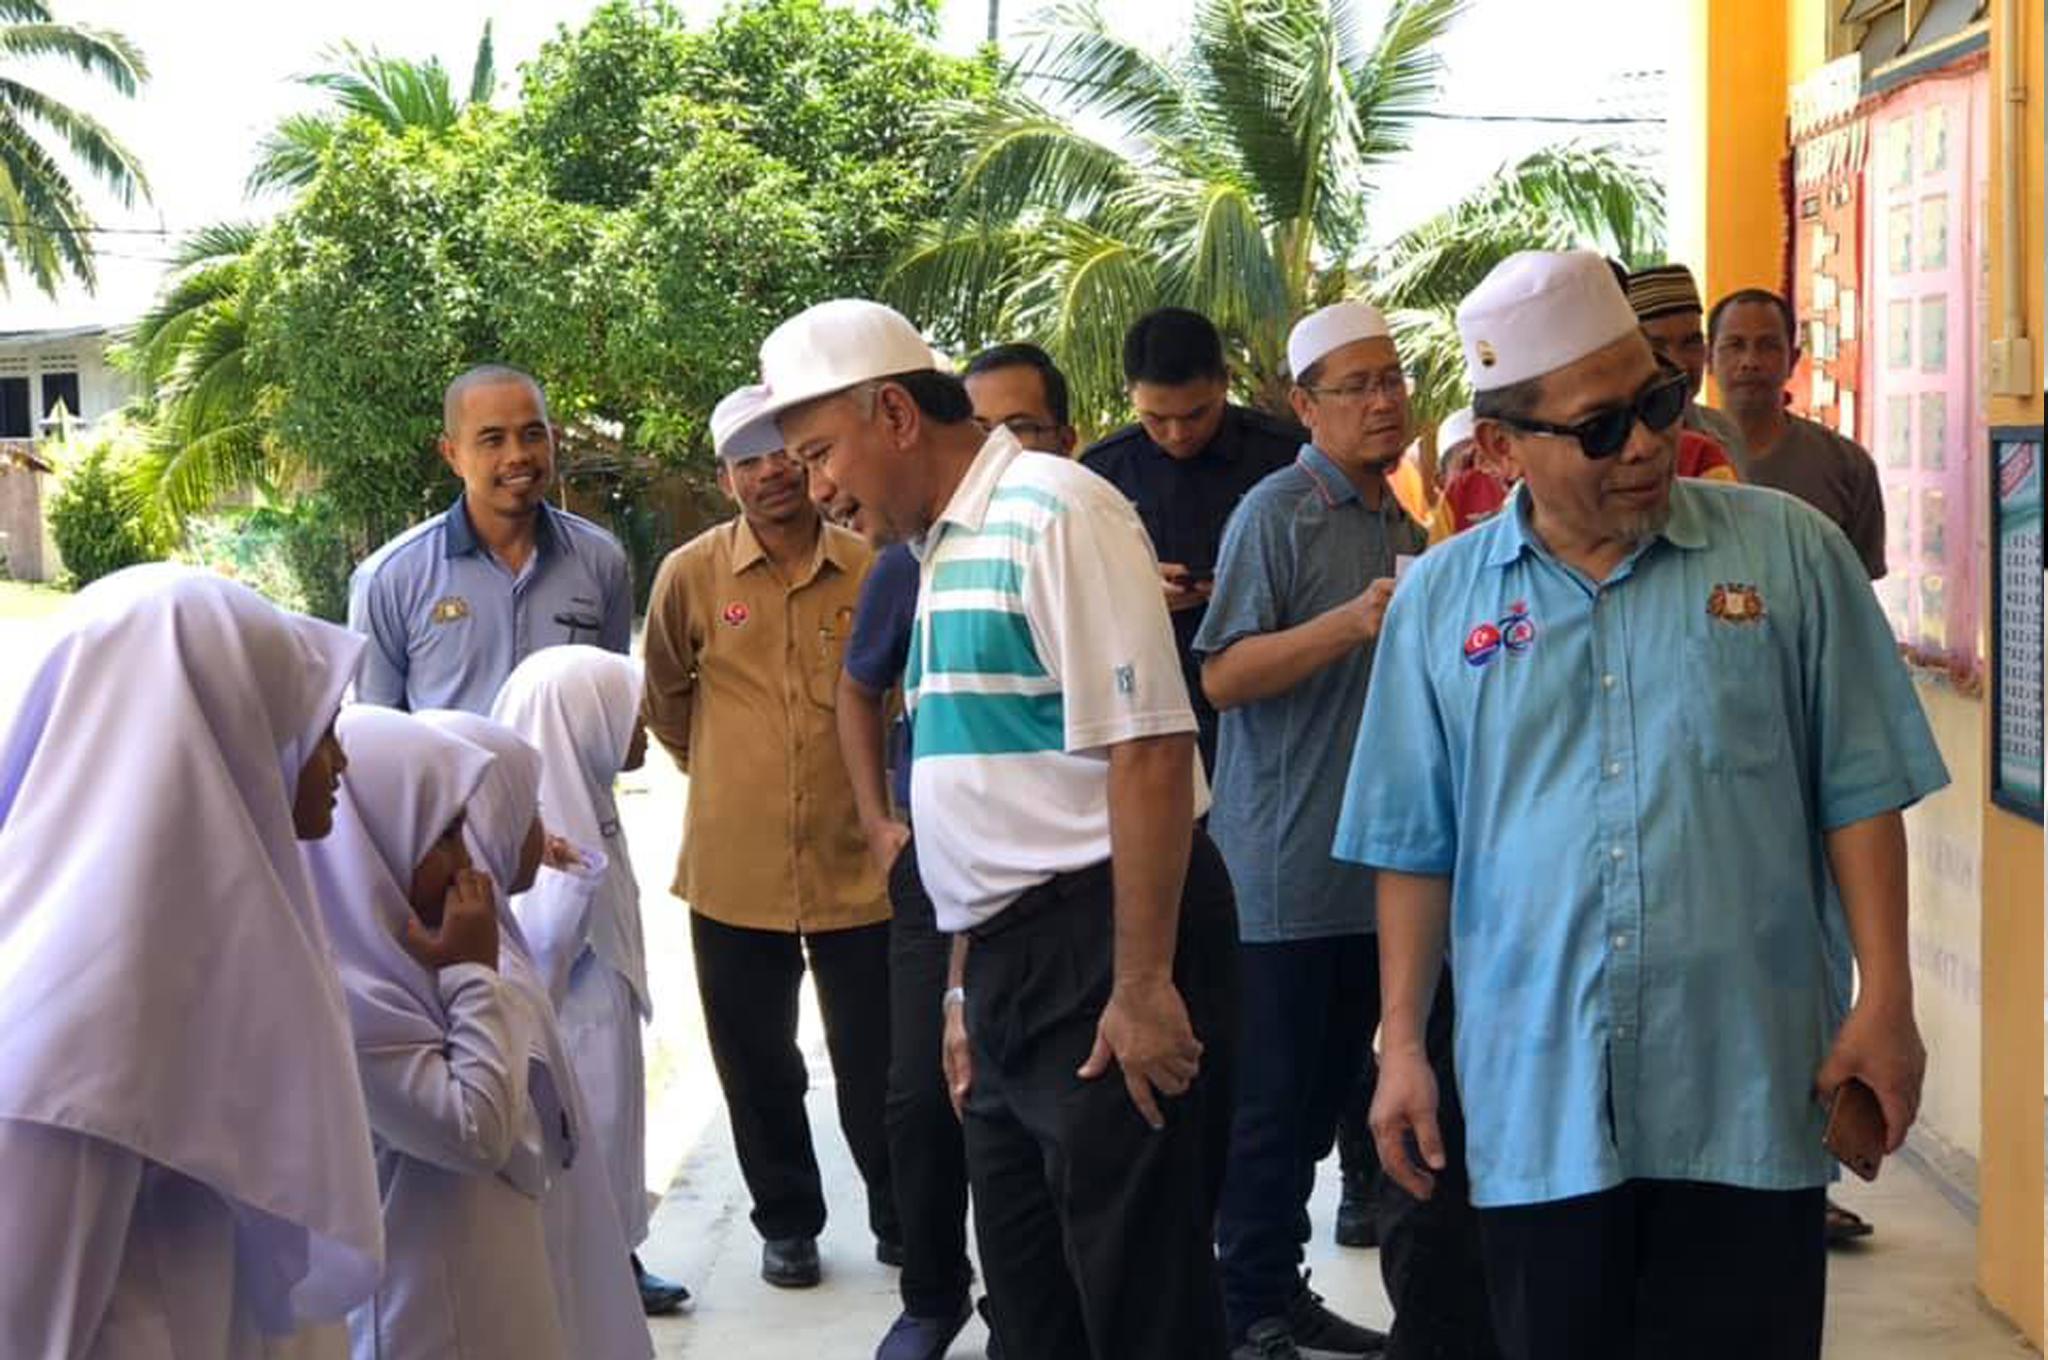 Lawatan Kerja Pengarah Jabatan Agama Islam Negeri Johor Ke Sekolah Agama Kerajaan Johor Daerah Mersing (Pulau Aur & Pulau Pemanggil), Johor.